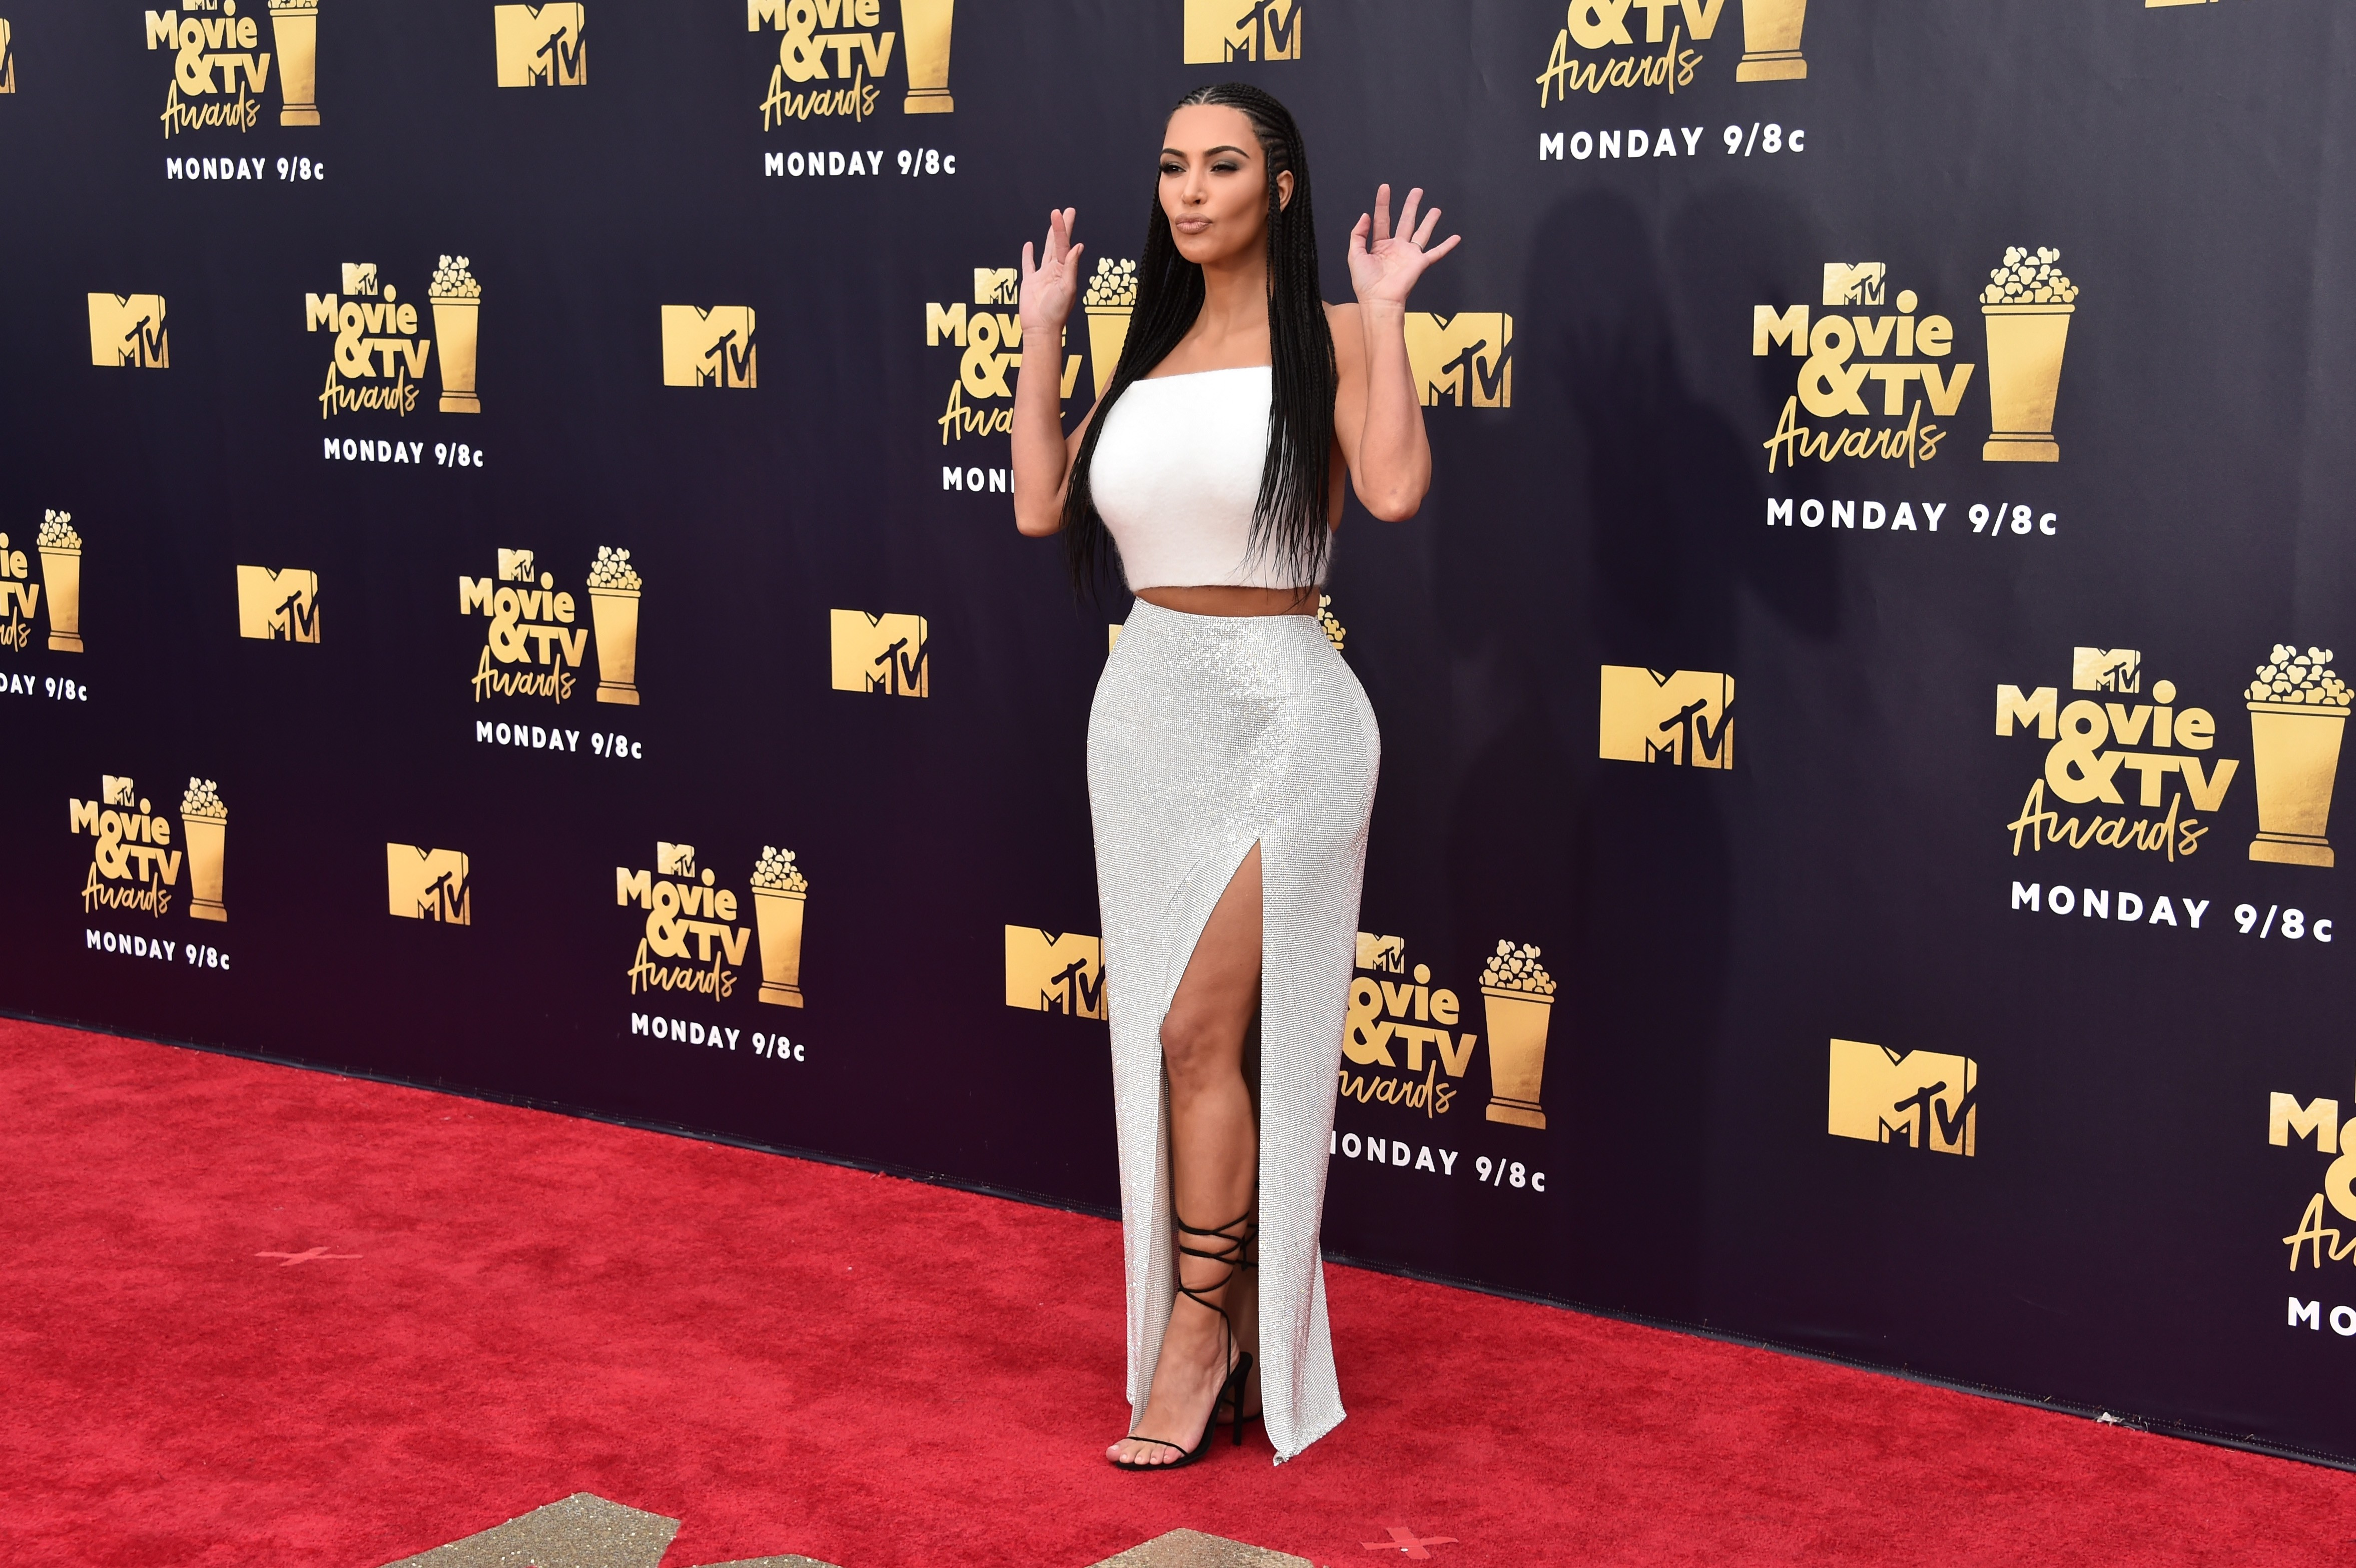 Kim Kardashian causa polêmica ao adotar look com tranças em tapete vermelho (Foto: Getty Images)